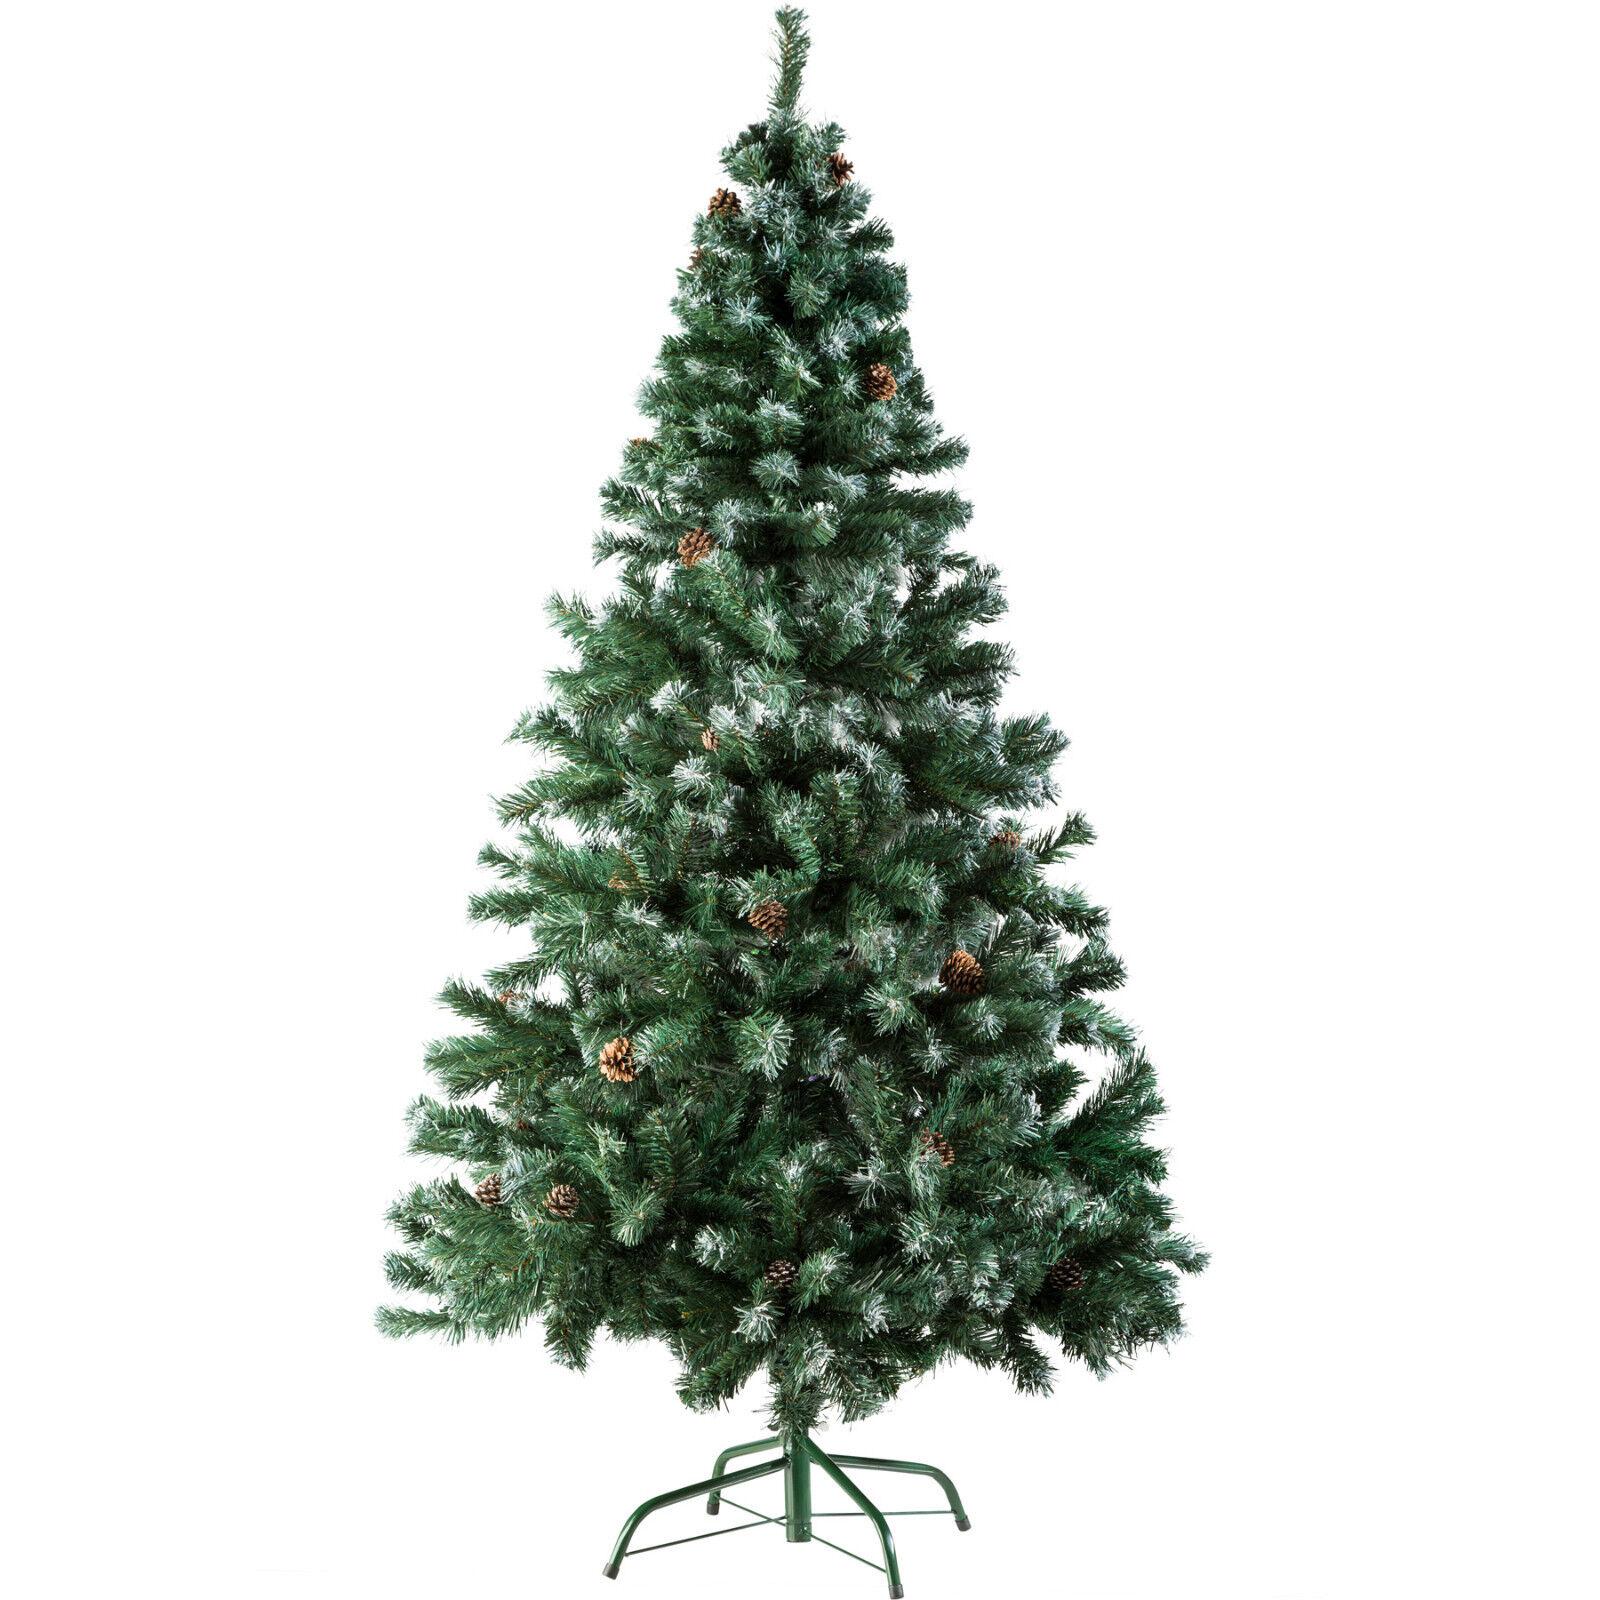 Albero di Natale Artificiale + Supporto Natalizia 705 Punte Pigne 180 cm Grün